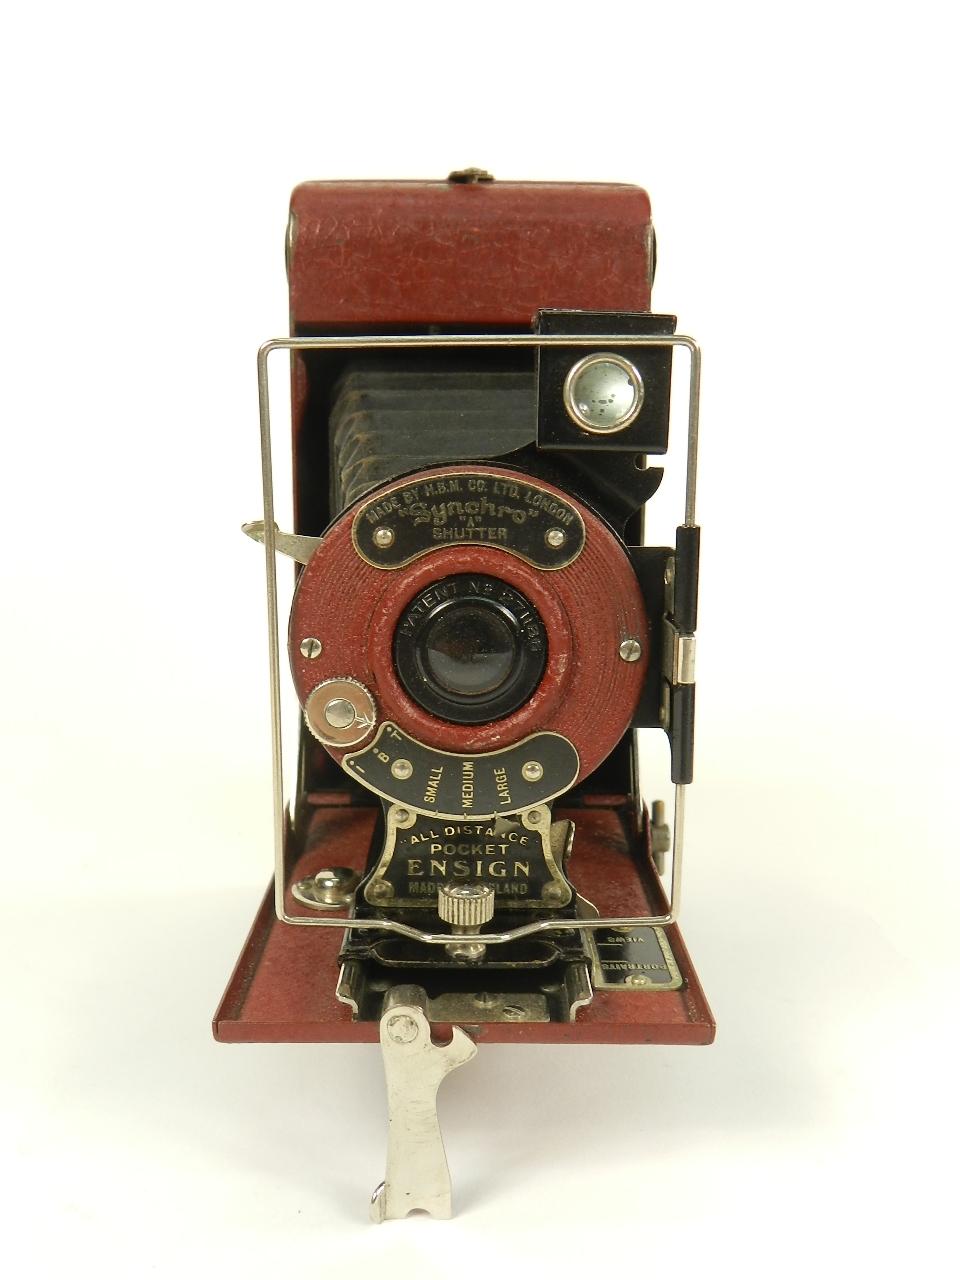 Imagen ALL DISTANCE POCKET ENSIGN AÑO 1928 30271